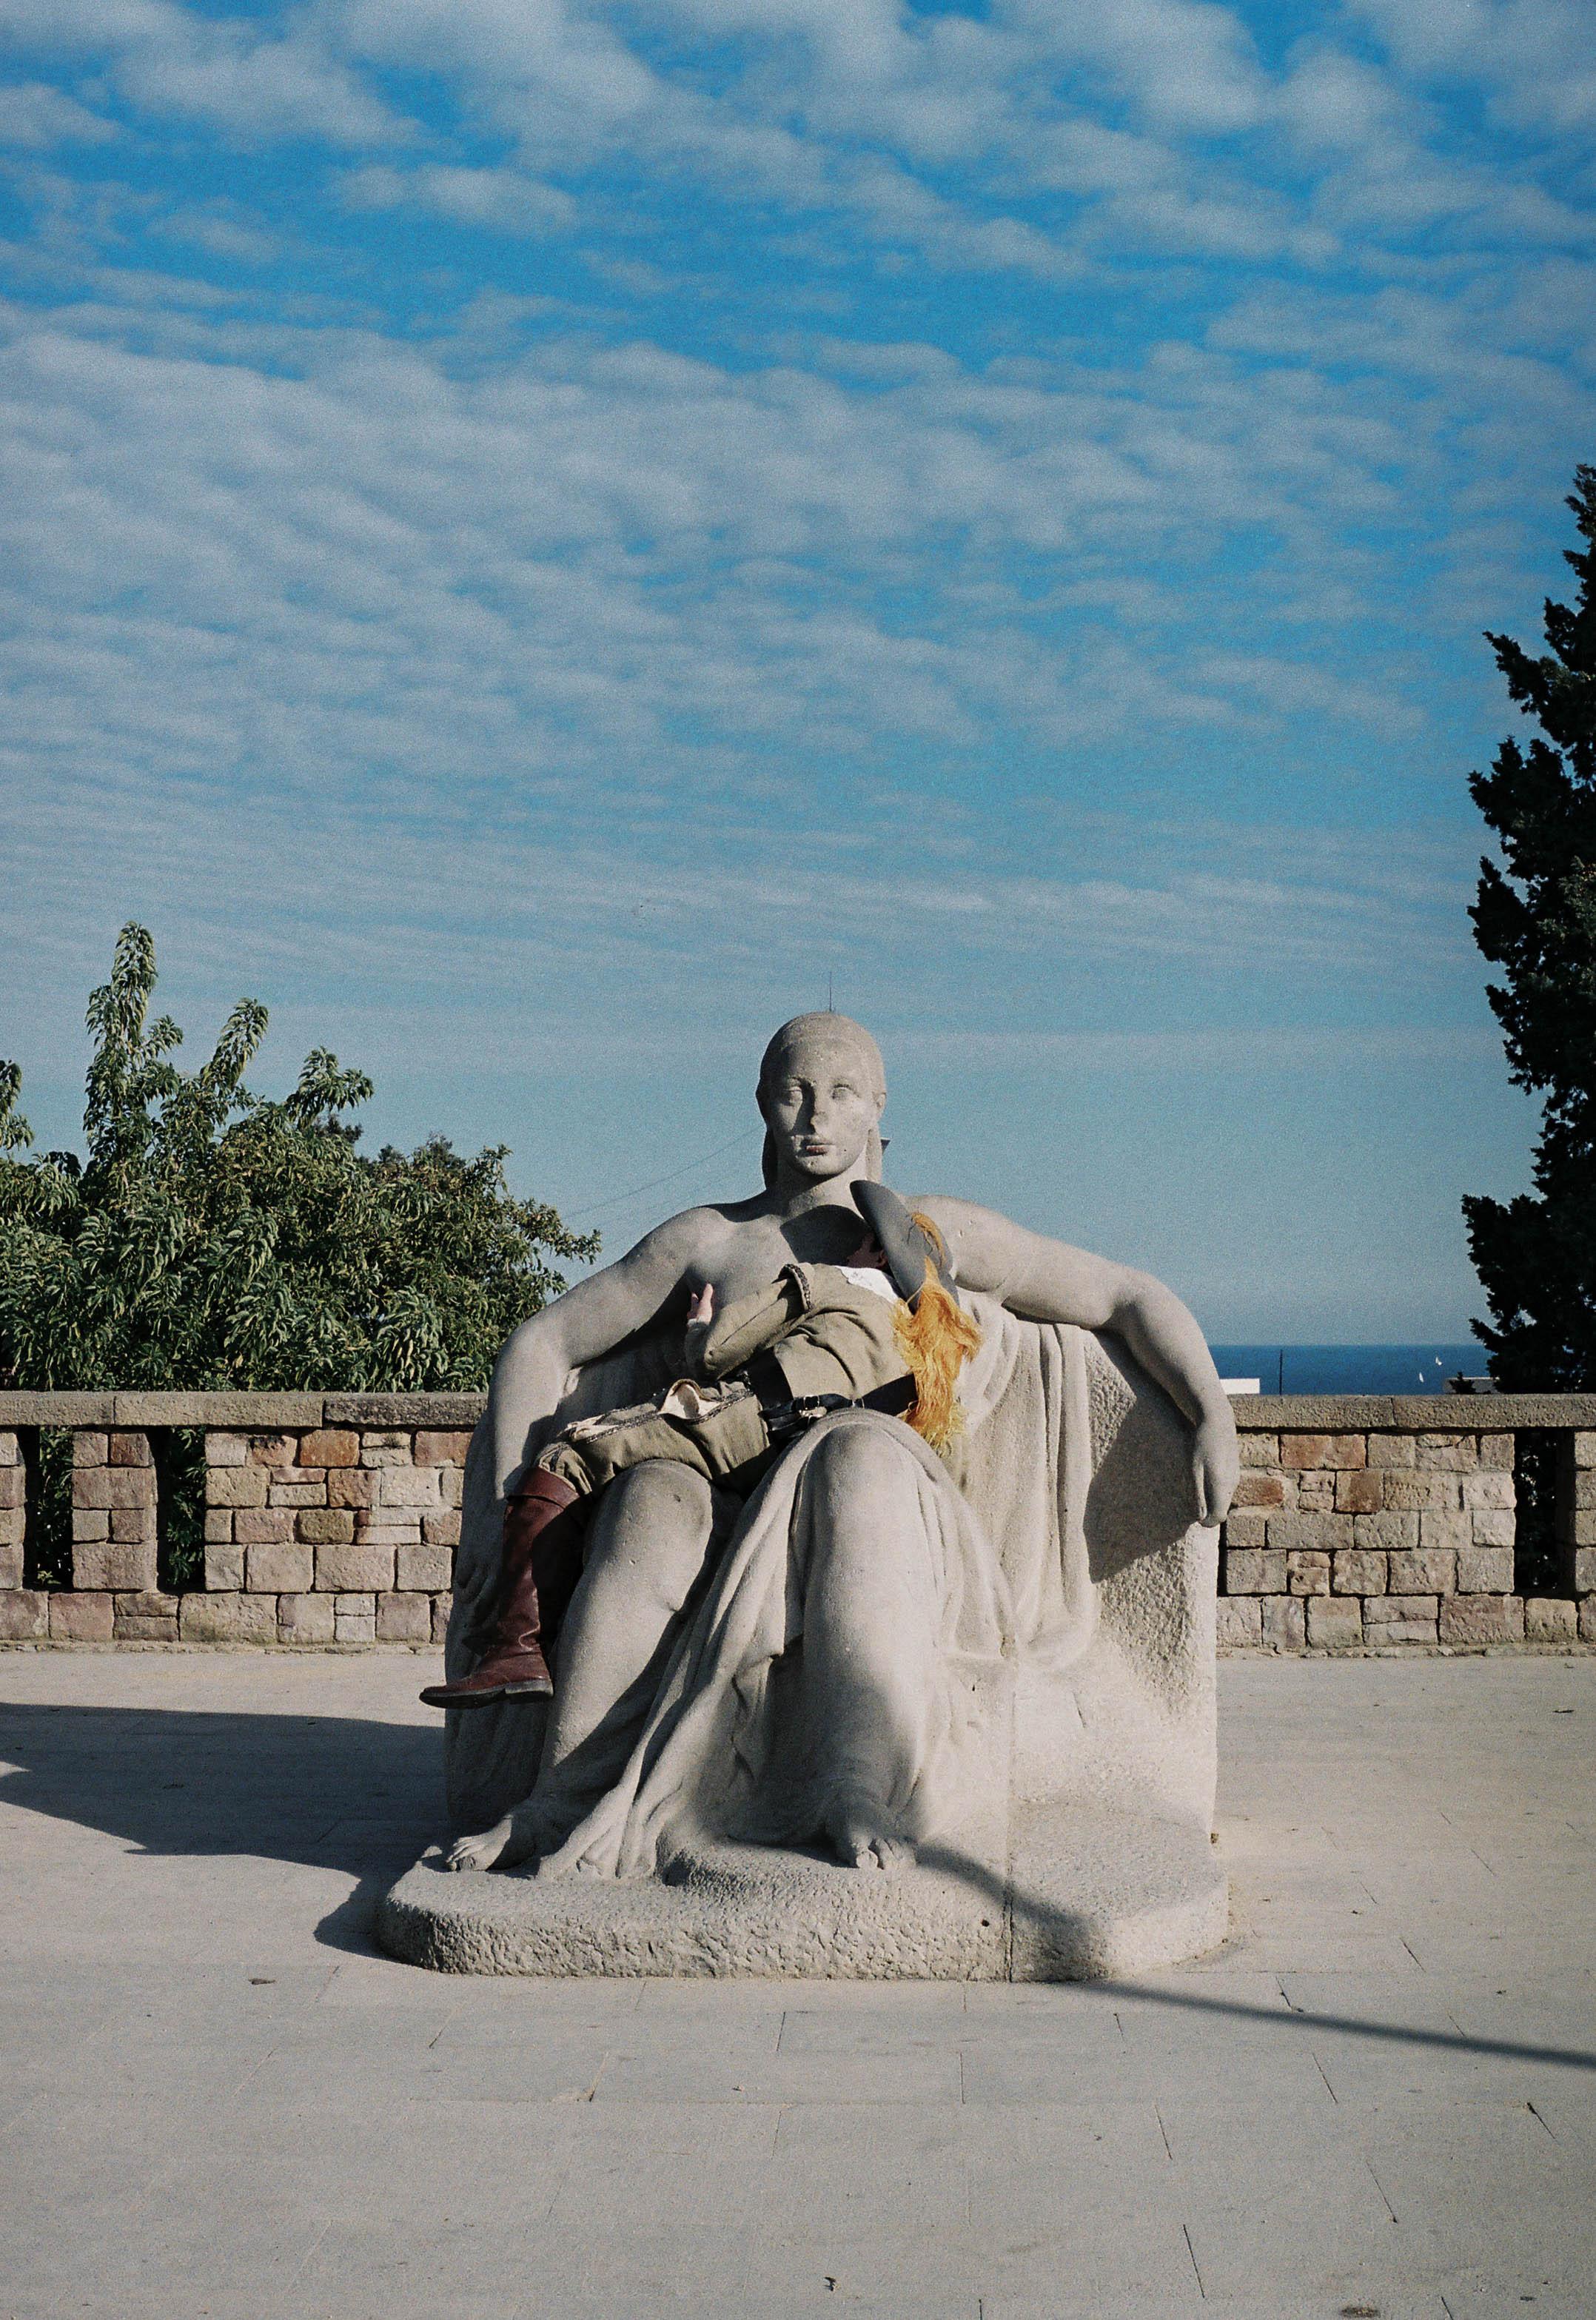 http://lafilladelfotografu.irenavisa.com/files/gimgs/98_f1000065-1.jpg